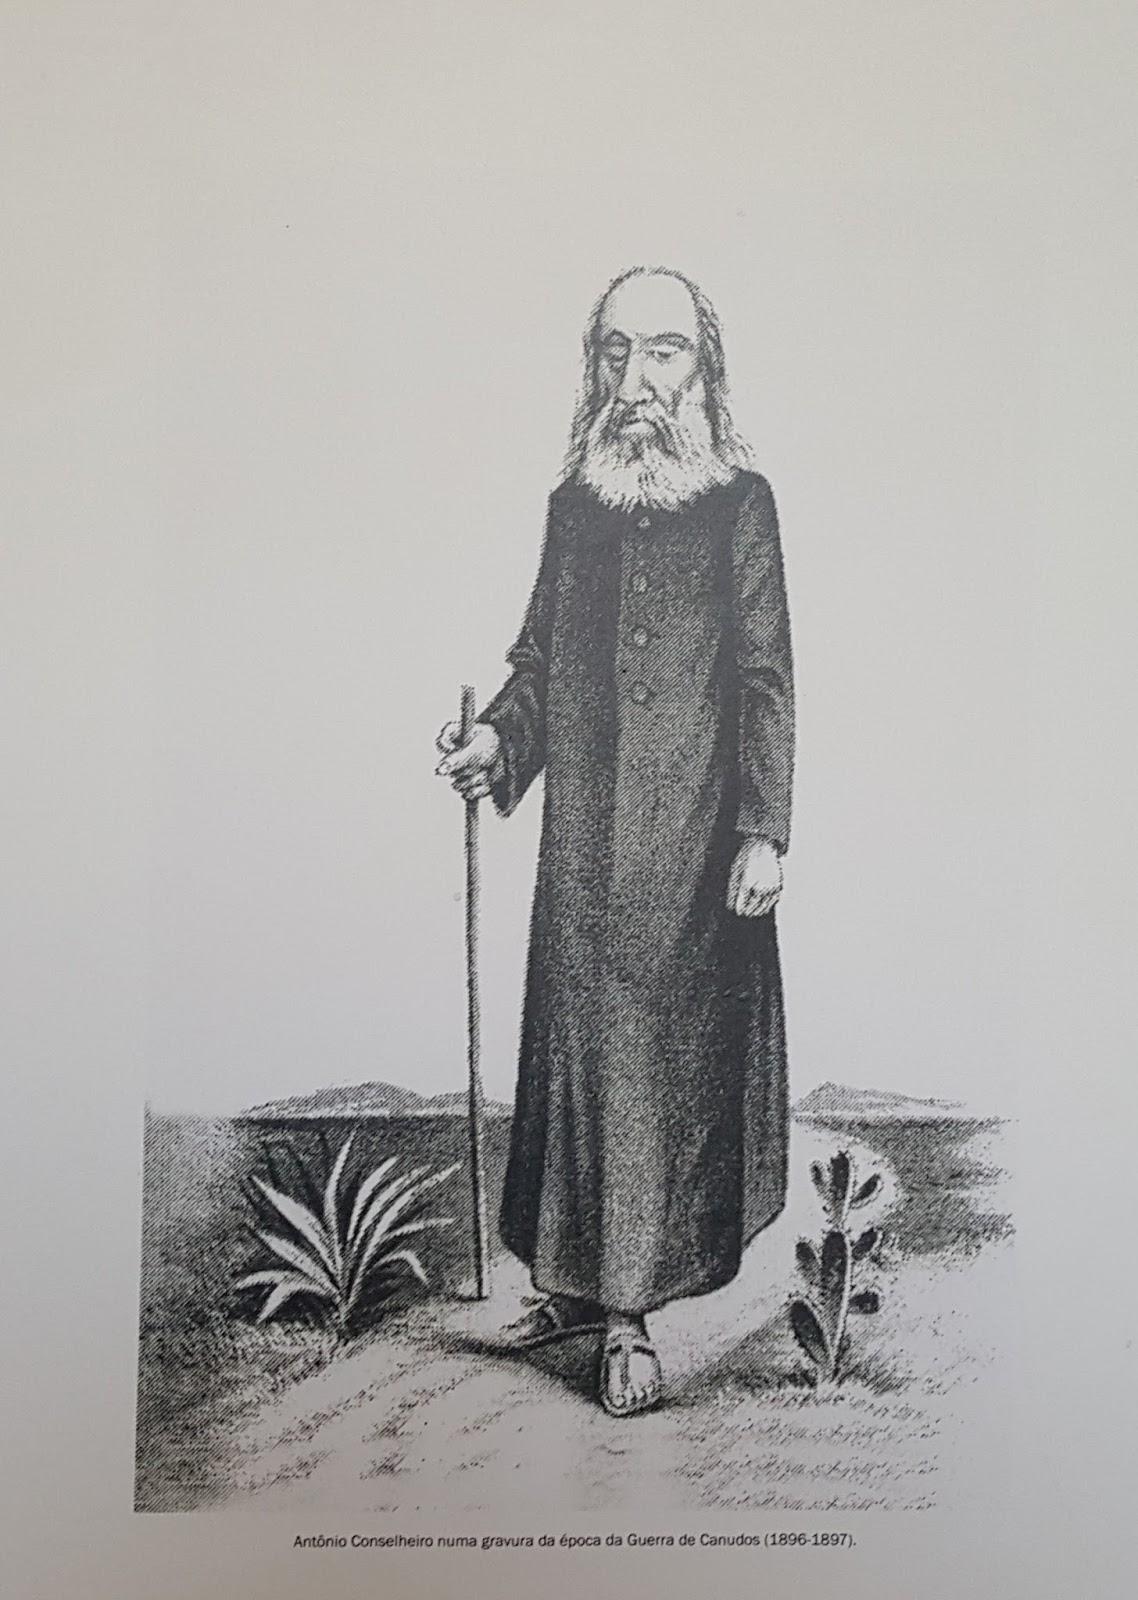 Valdecy Alves Antonio Conselheiro Nasceu Em 13 De Marco De 1830